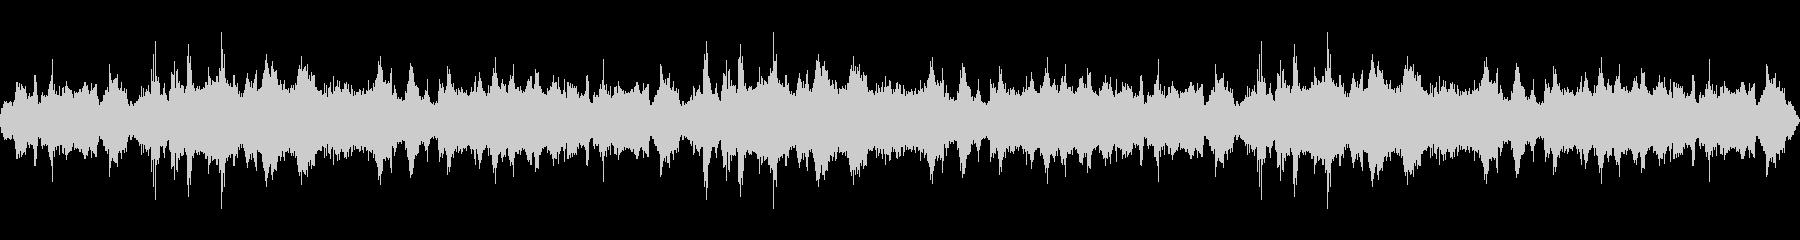 【バイノーラル録音】夜の海 波の音の未再生の波形